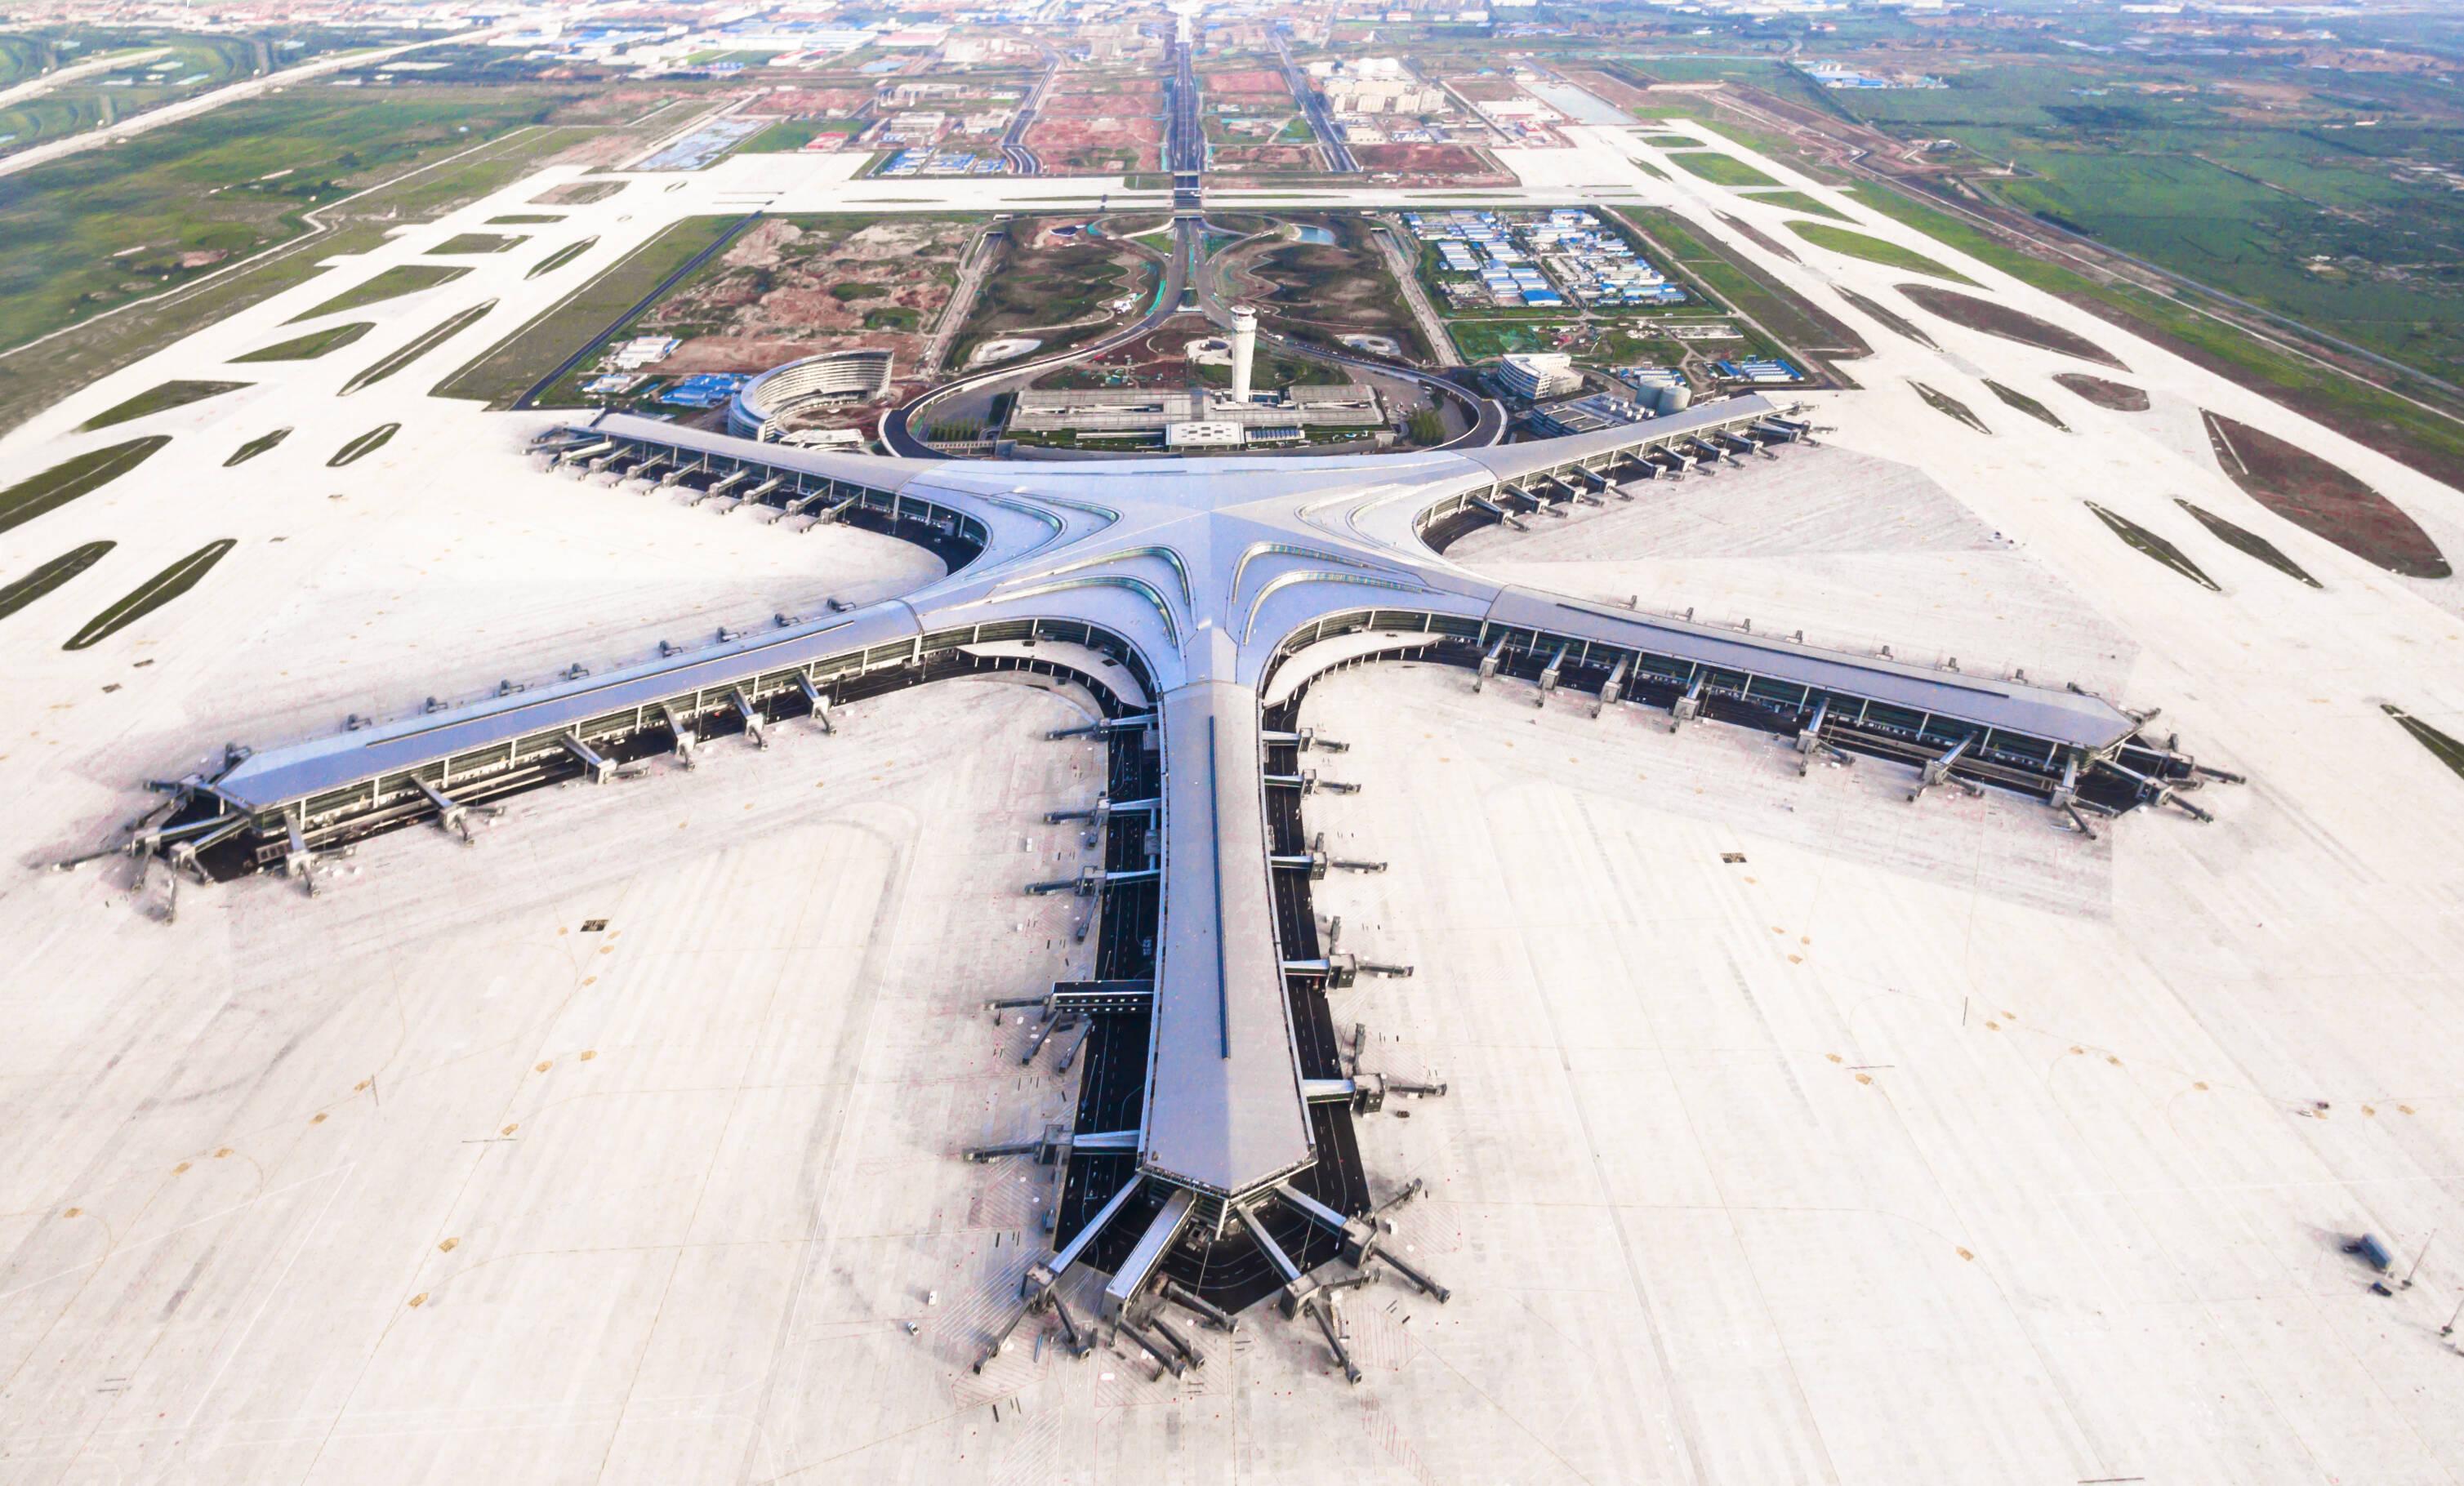 青岛胶东国际新机场正式运营